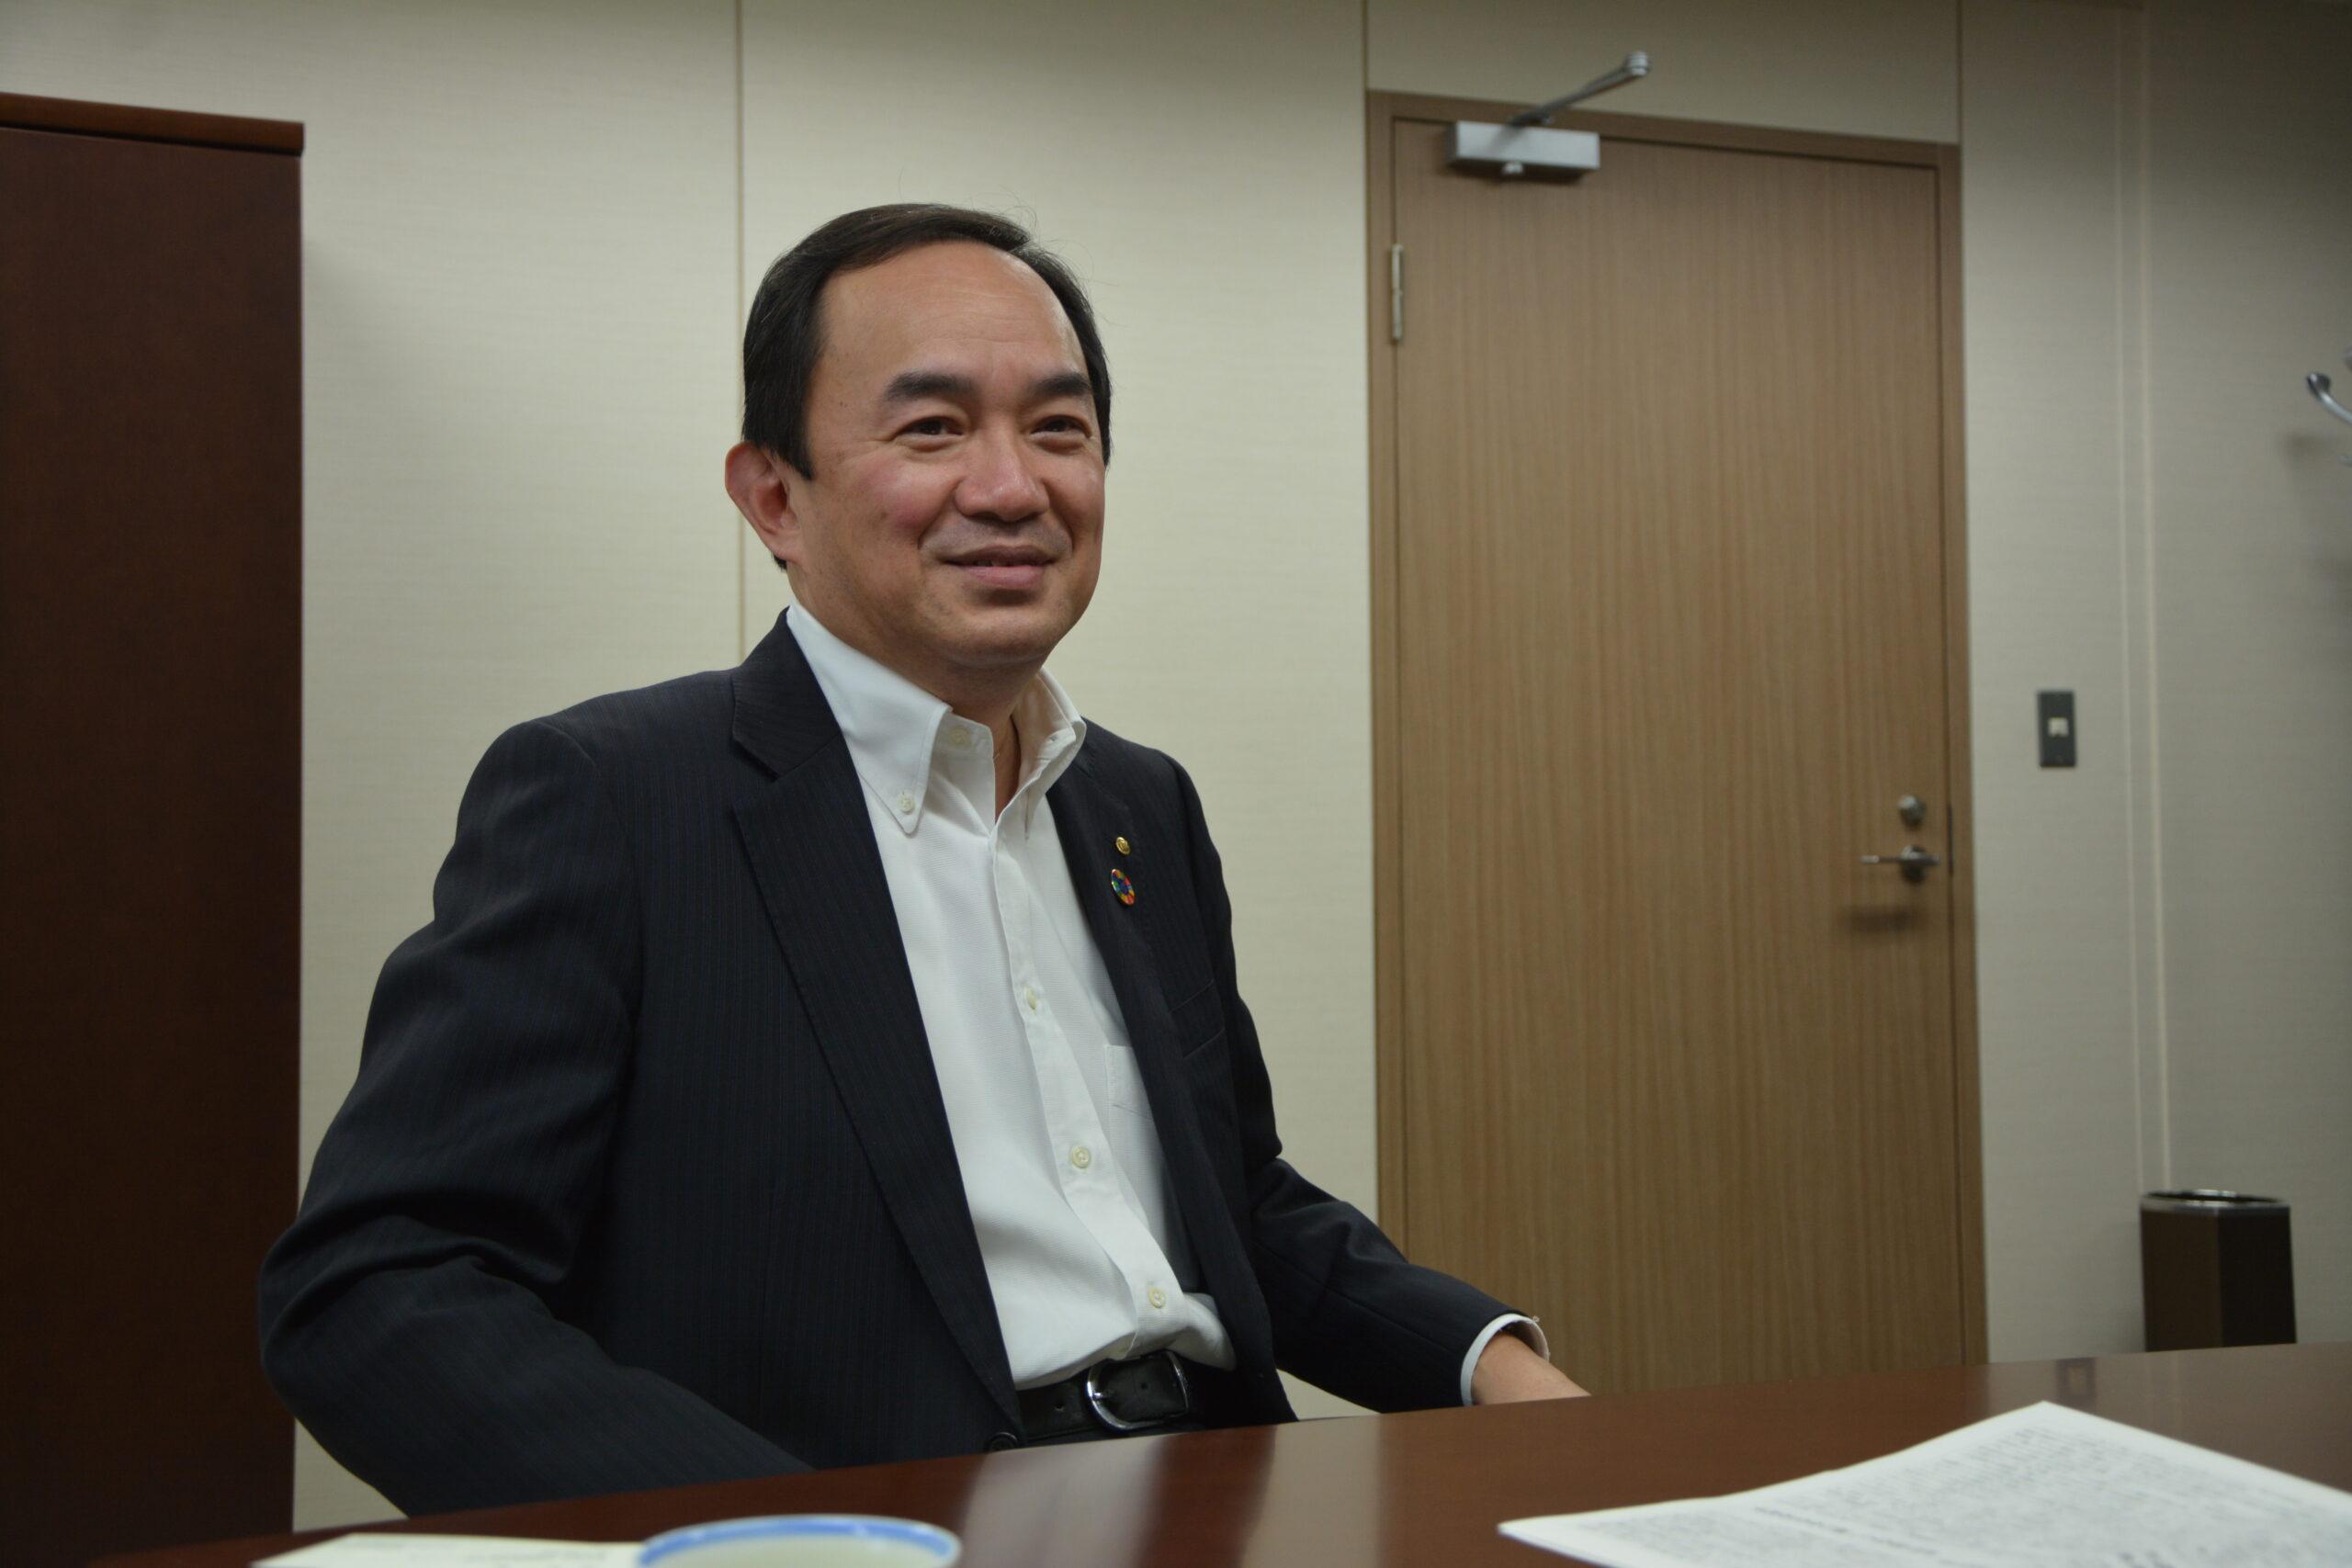 マンション管理の未来 第43回 東京建物アメニティサポート社長 栄田 聡氏(下)